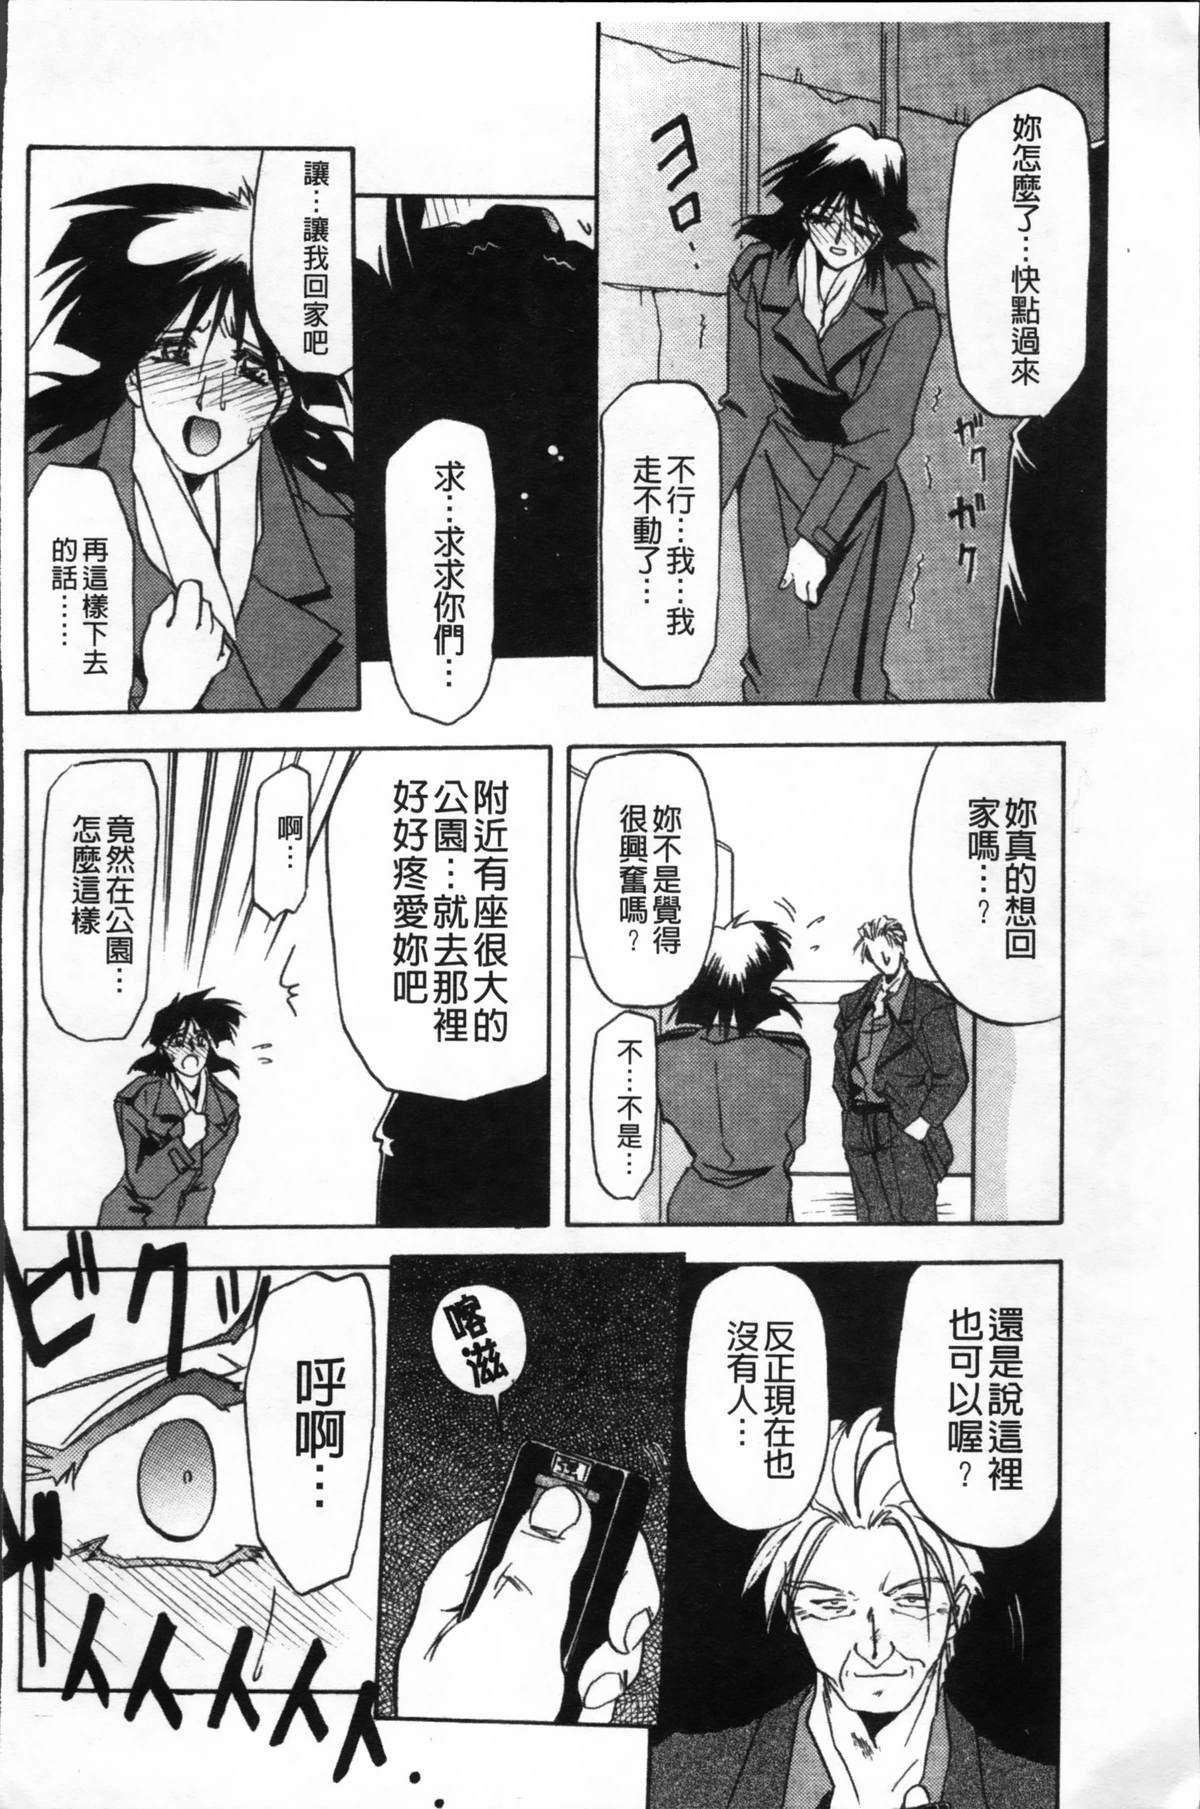 Hiiro no Koku Kanzenban   緋色之刻 完全版 191